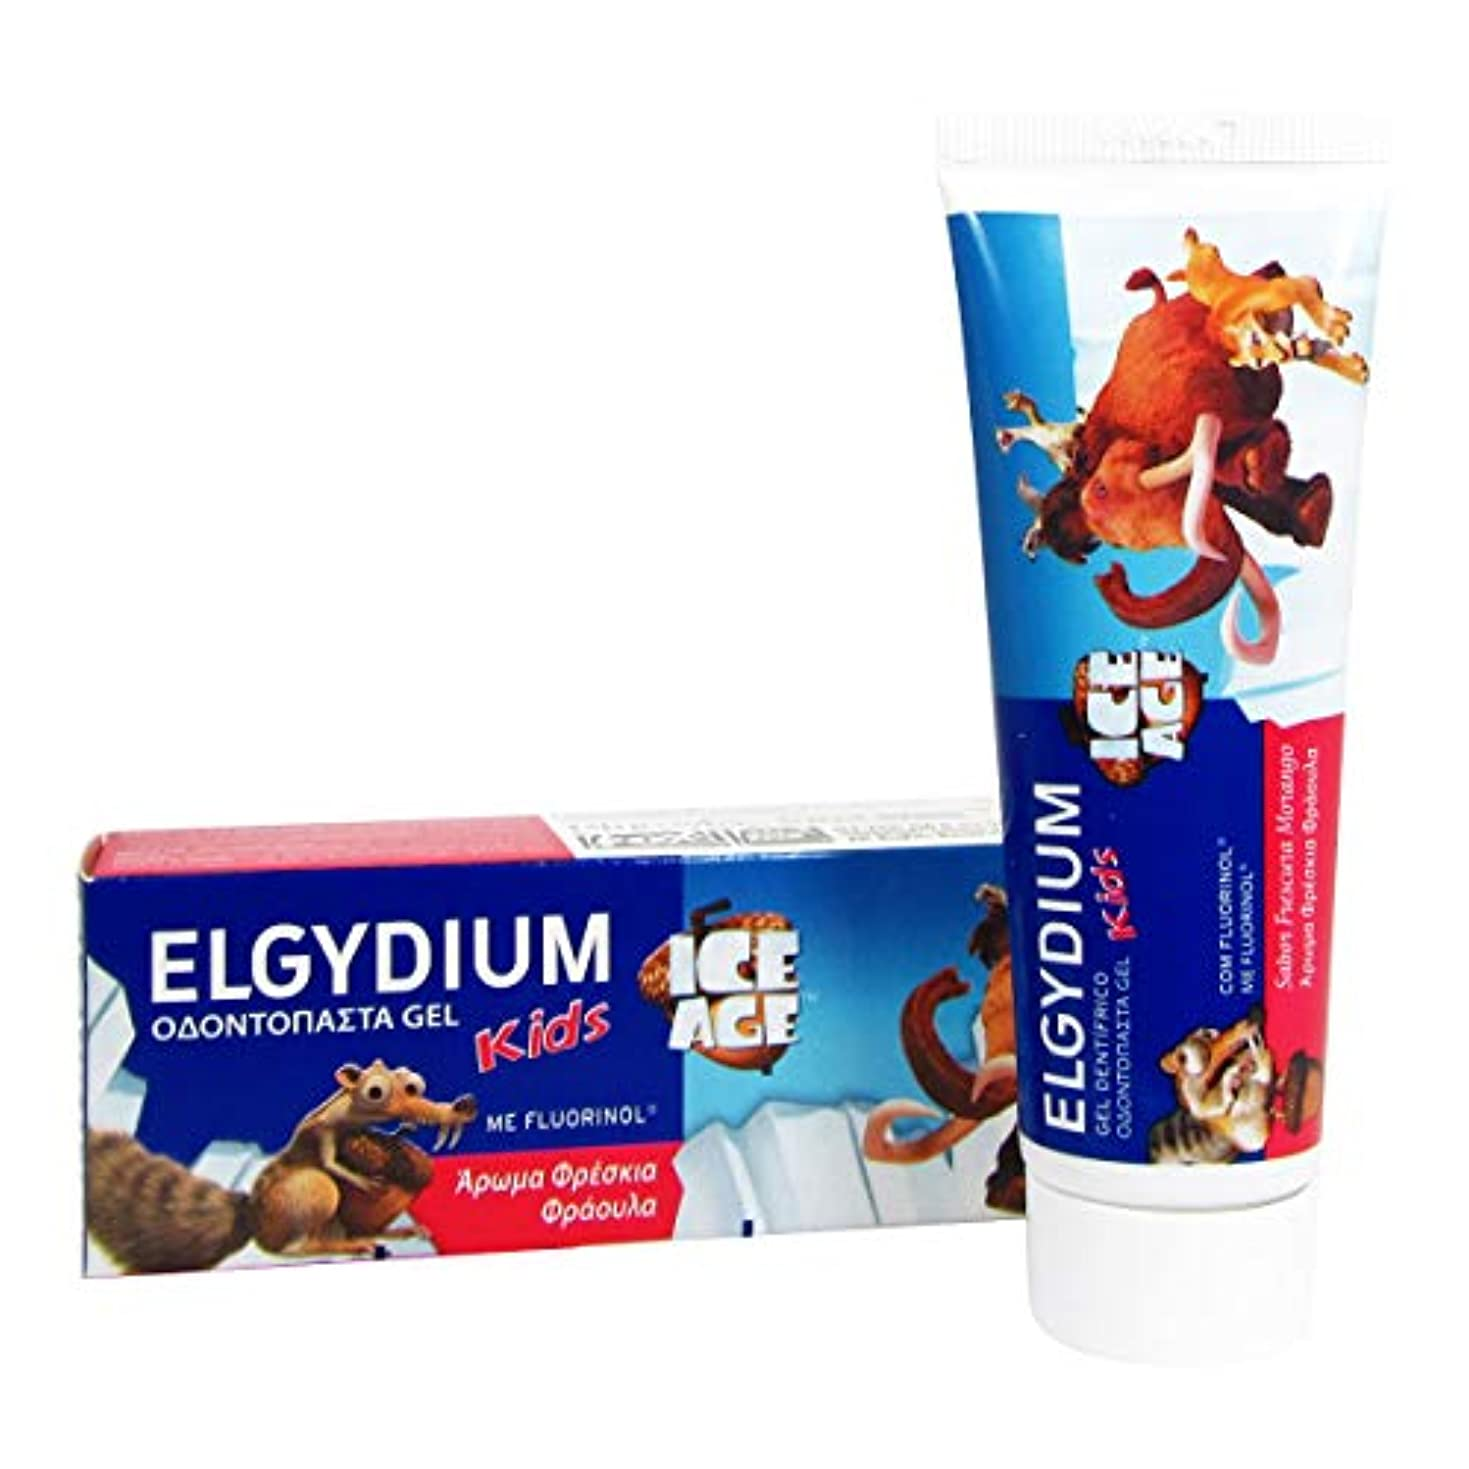 邪悪な障害キャロラインElgydium Kids Ice Age Toothpaste Toothpaste Gel 50ml [並行輸入品]